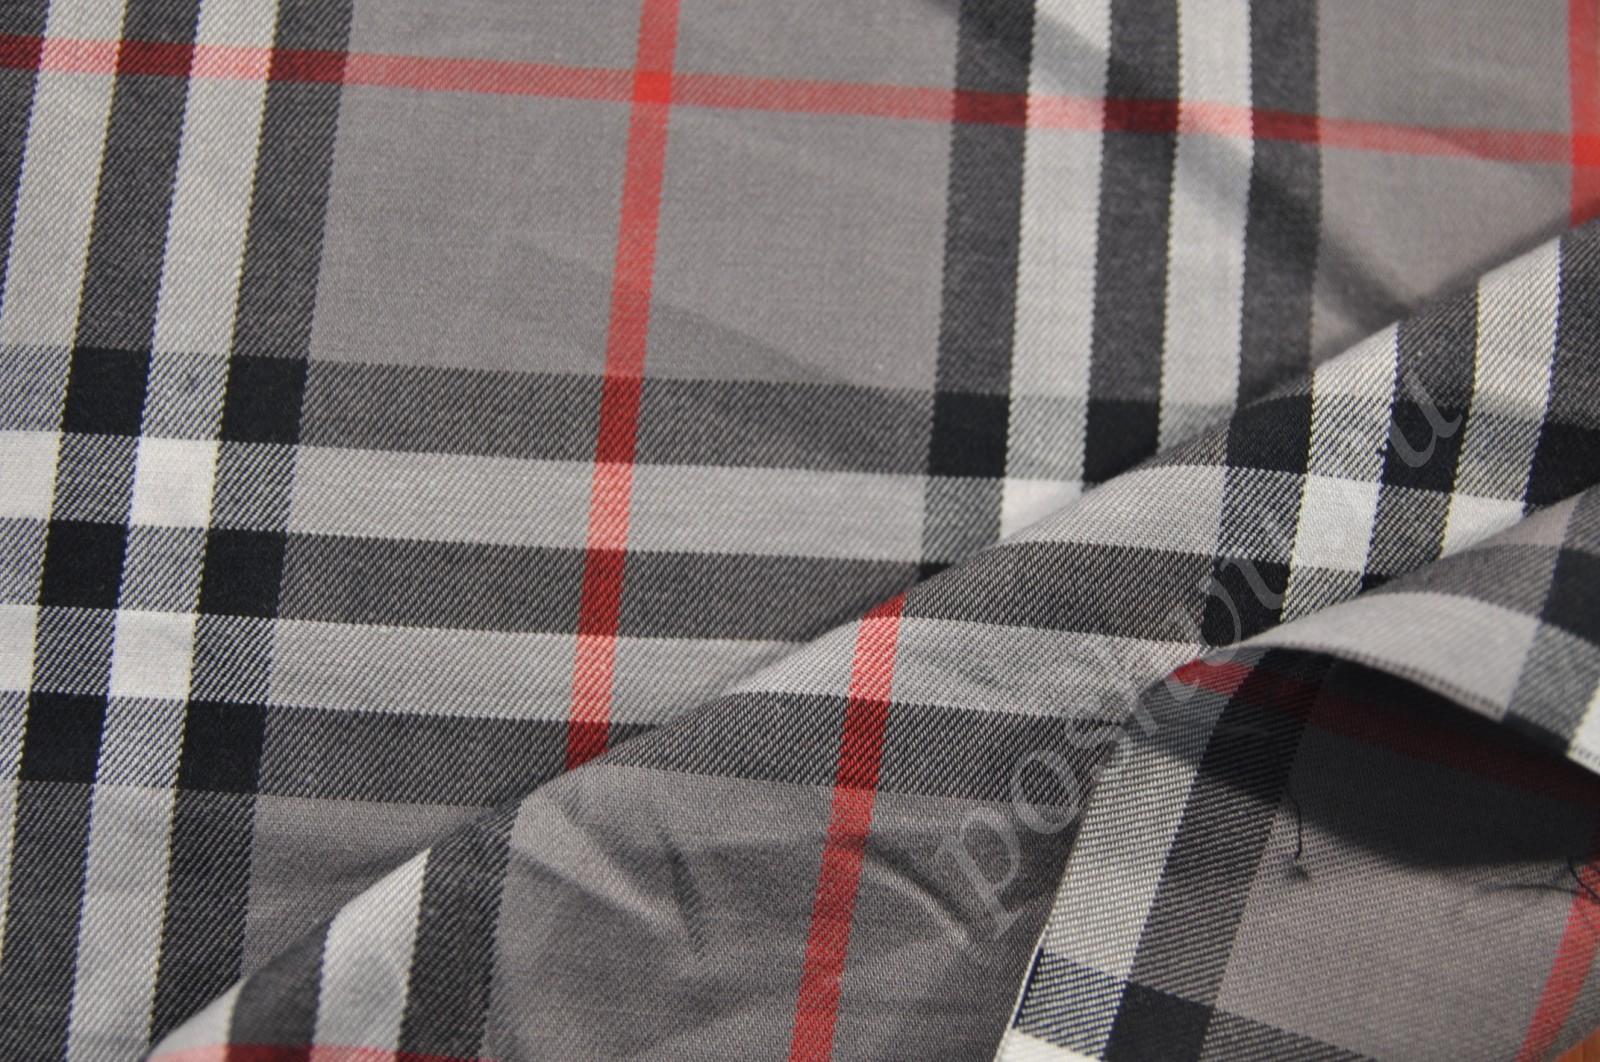 b162d7e17524 Хлопок burberry серого цвета купить в интернет магазине ткани хлопок ...